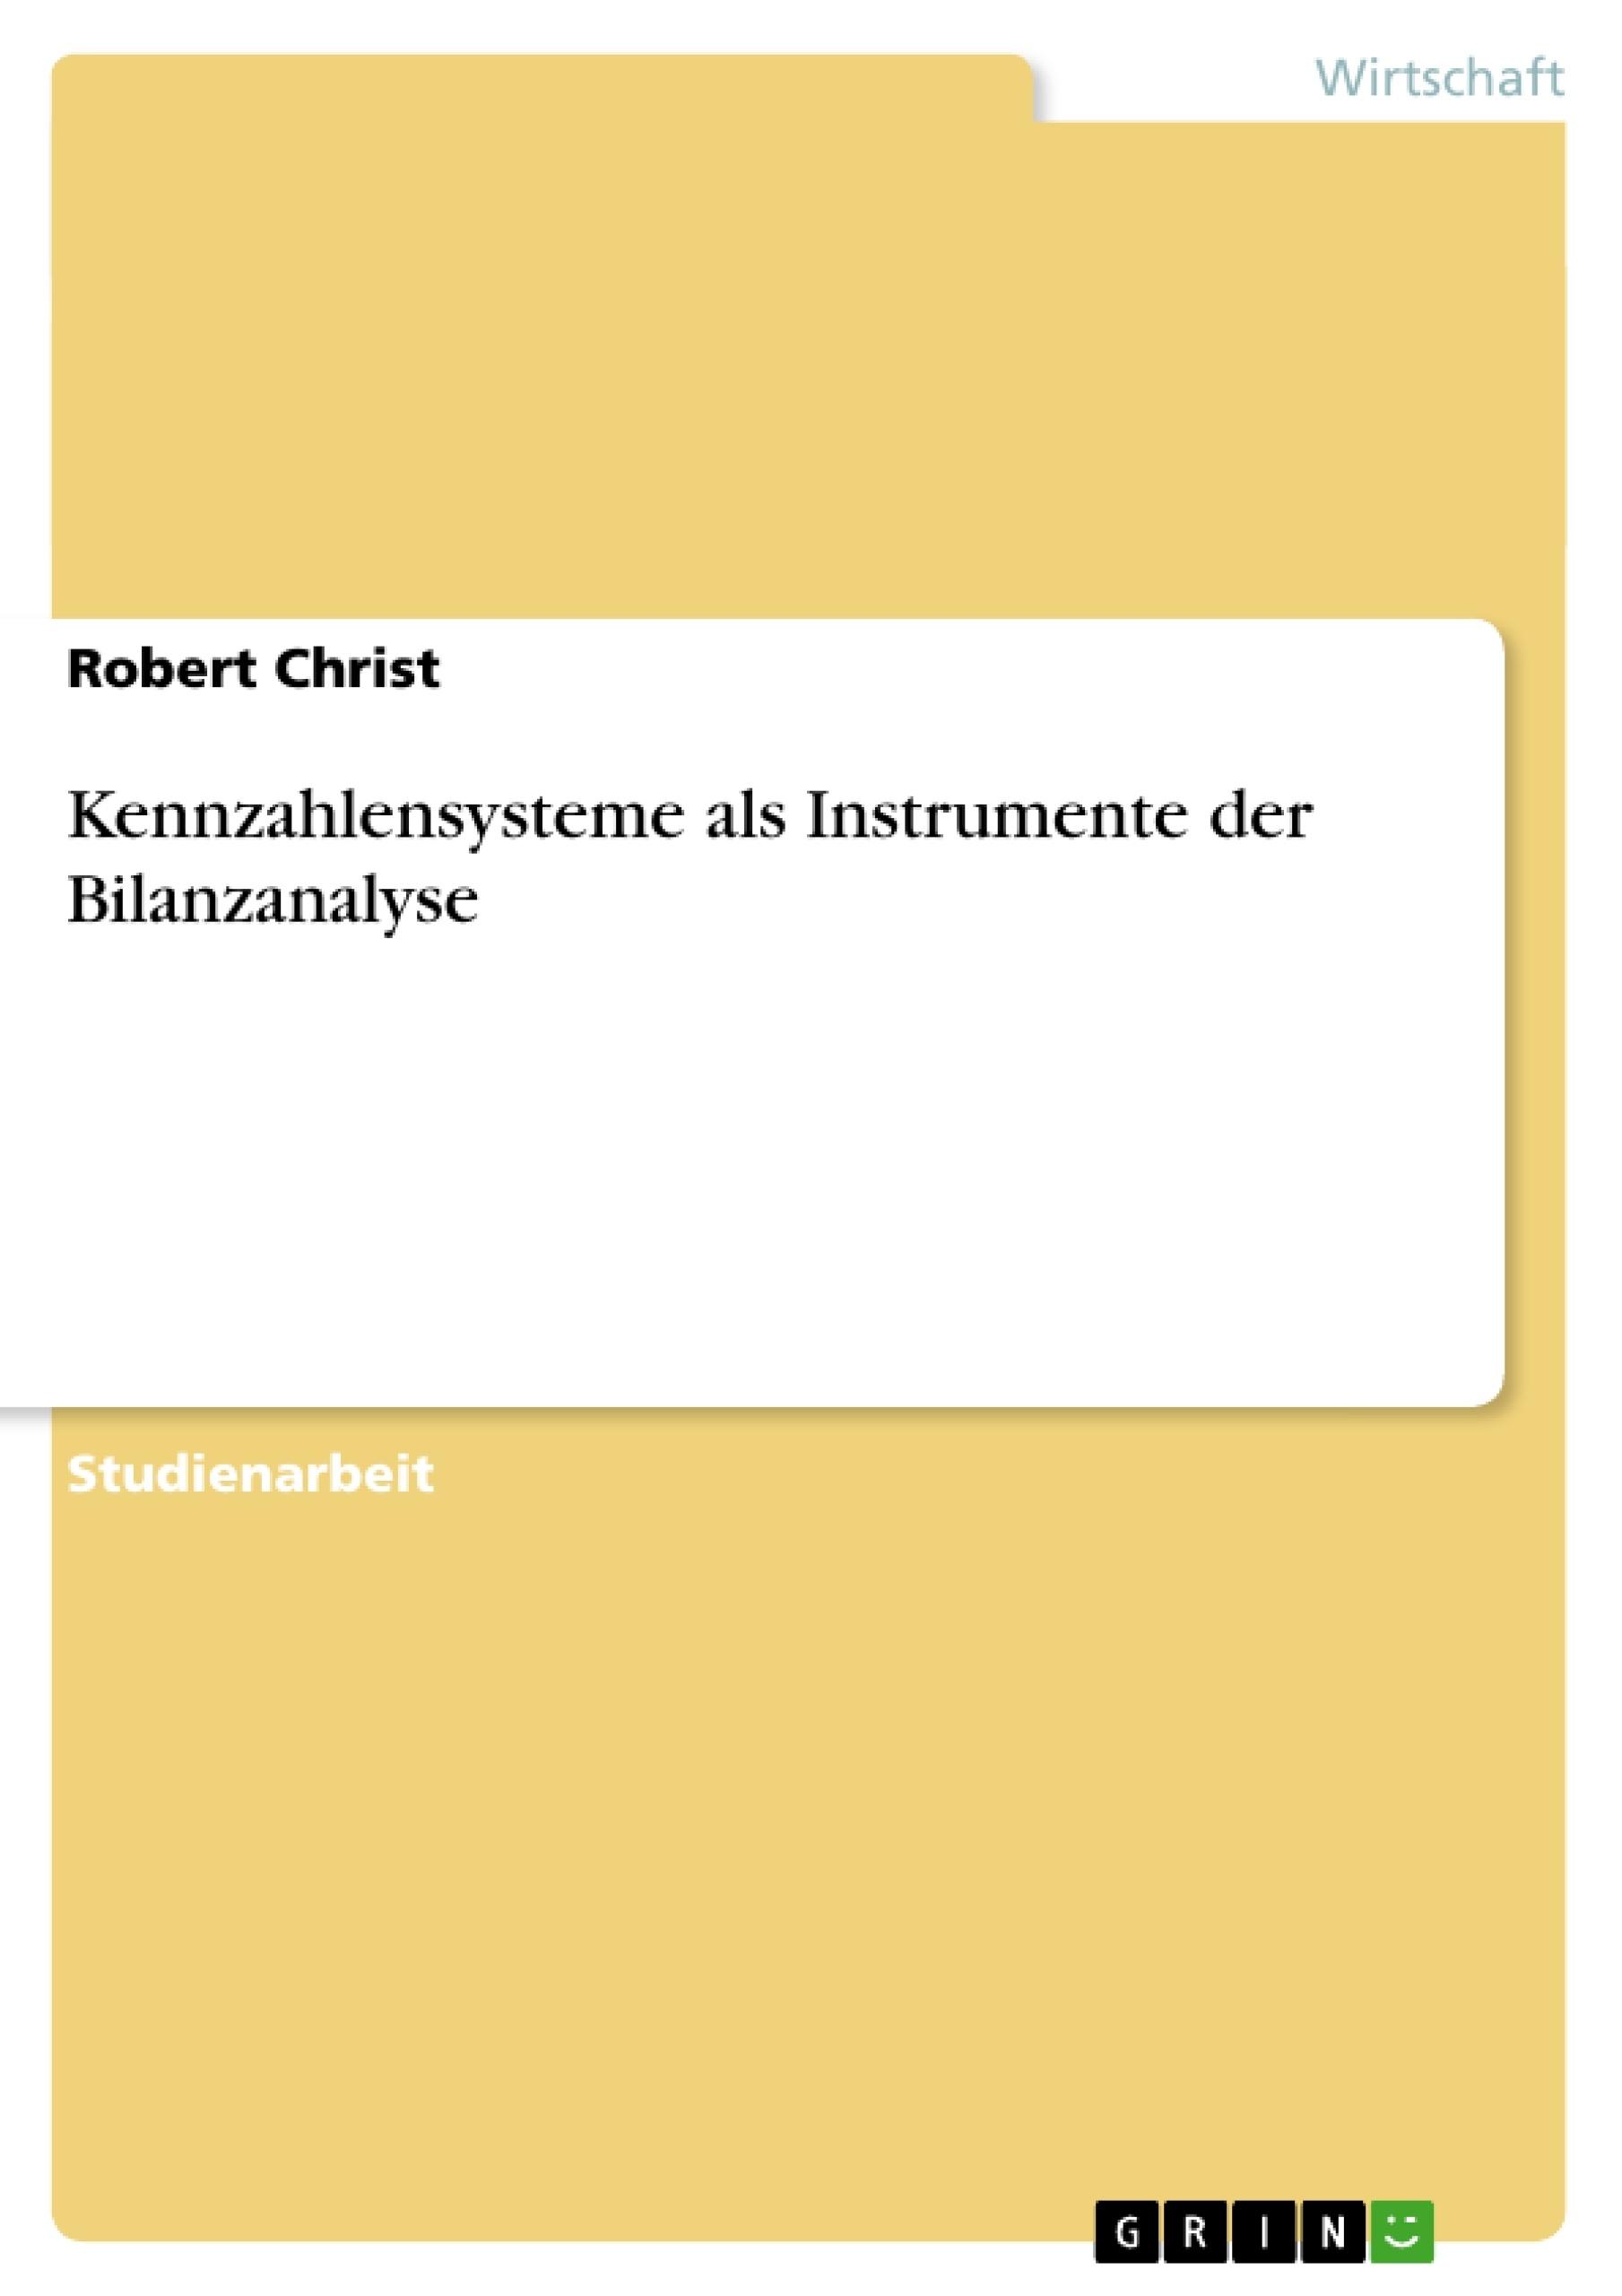 Titel: Kennzahlensysteme als Instrumente der Bilanzanalyse